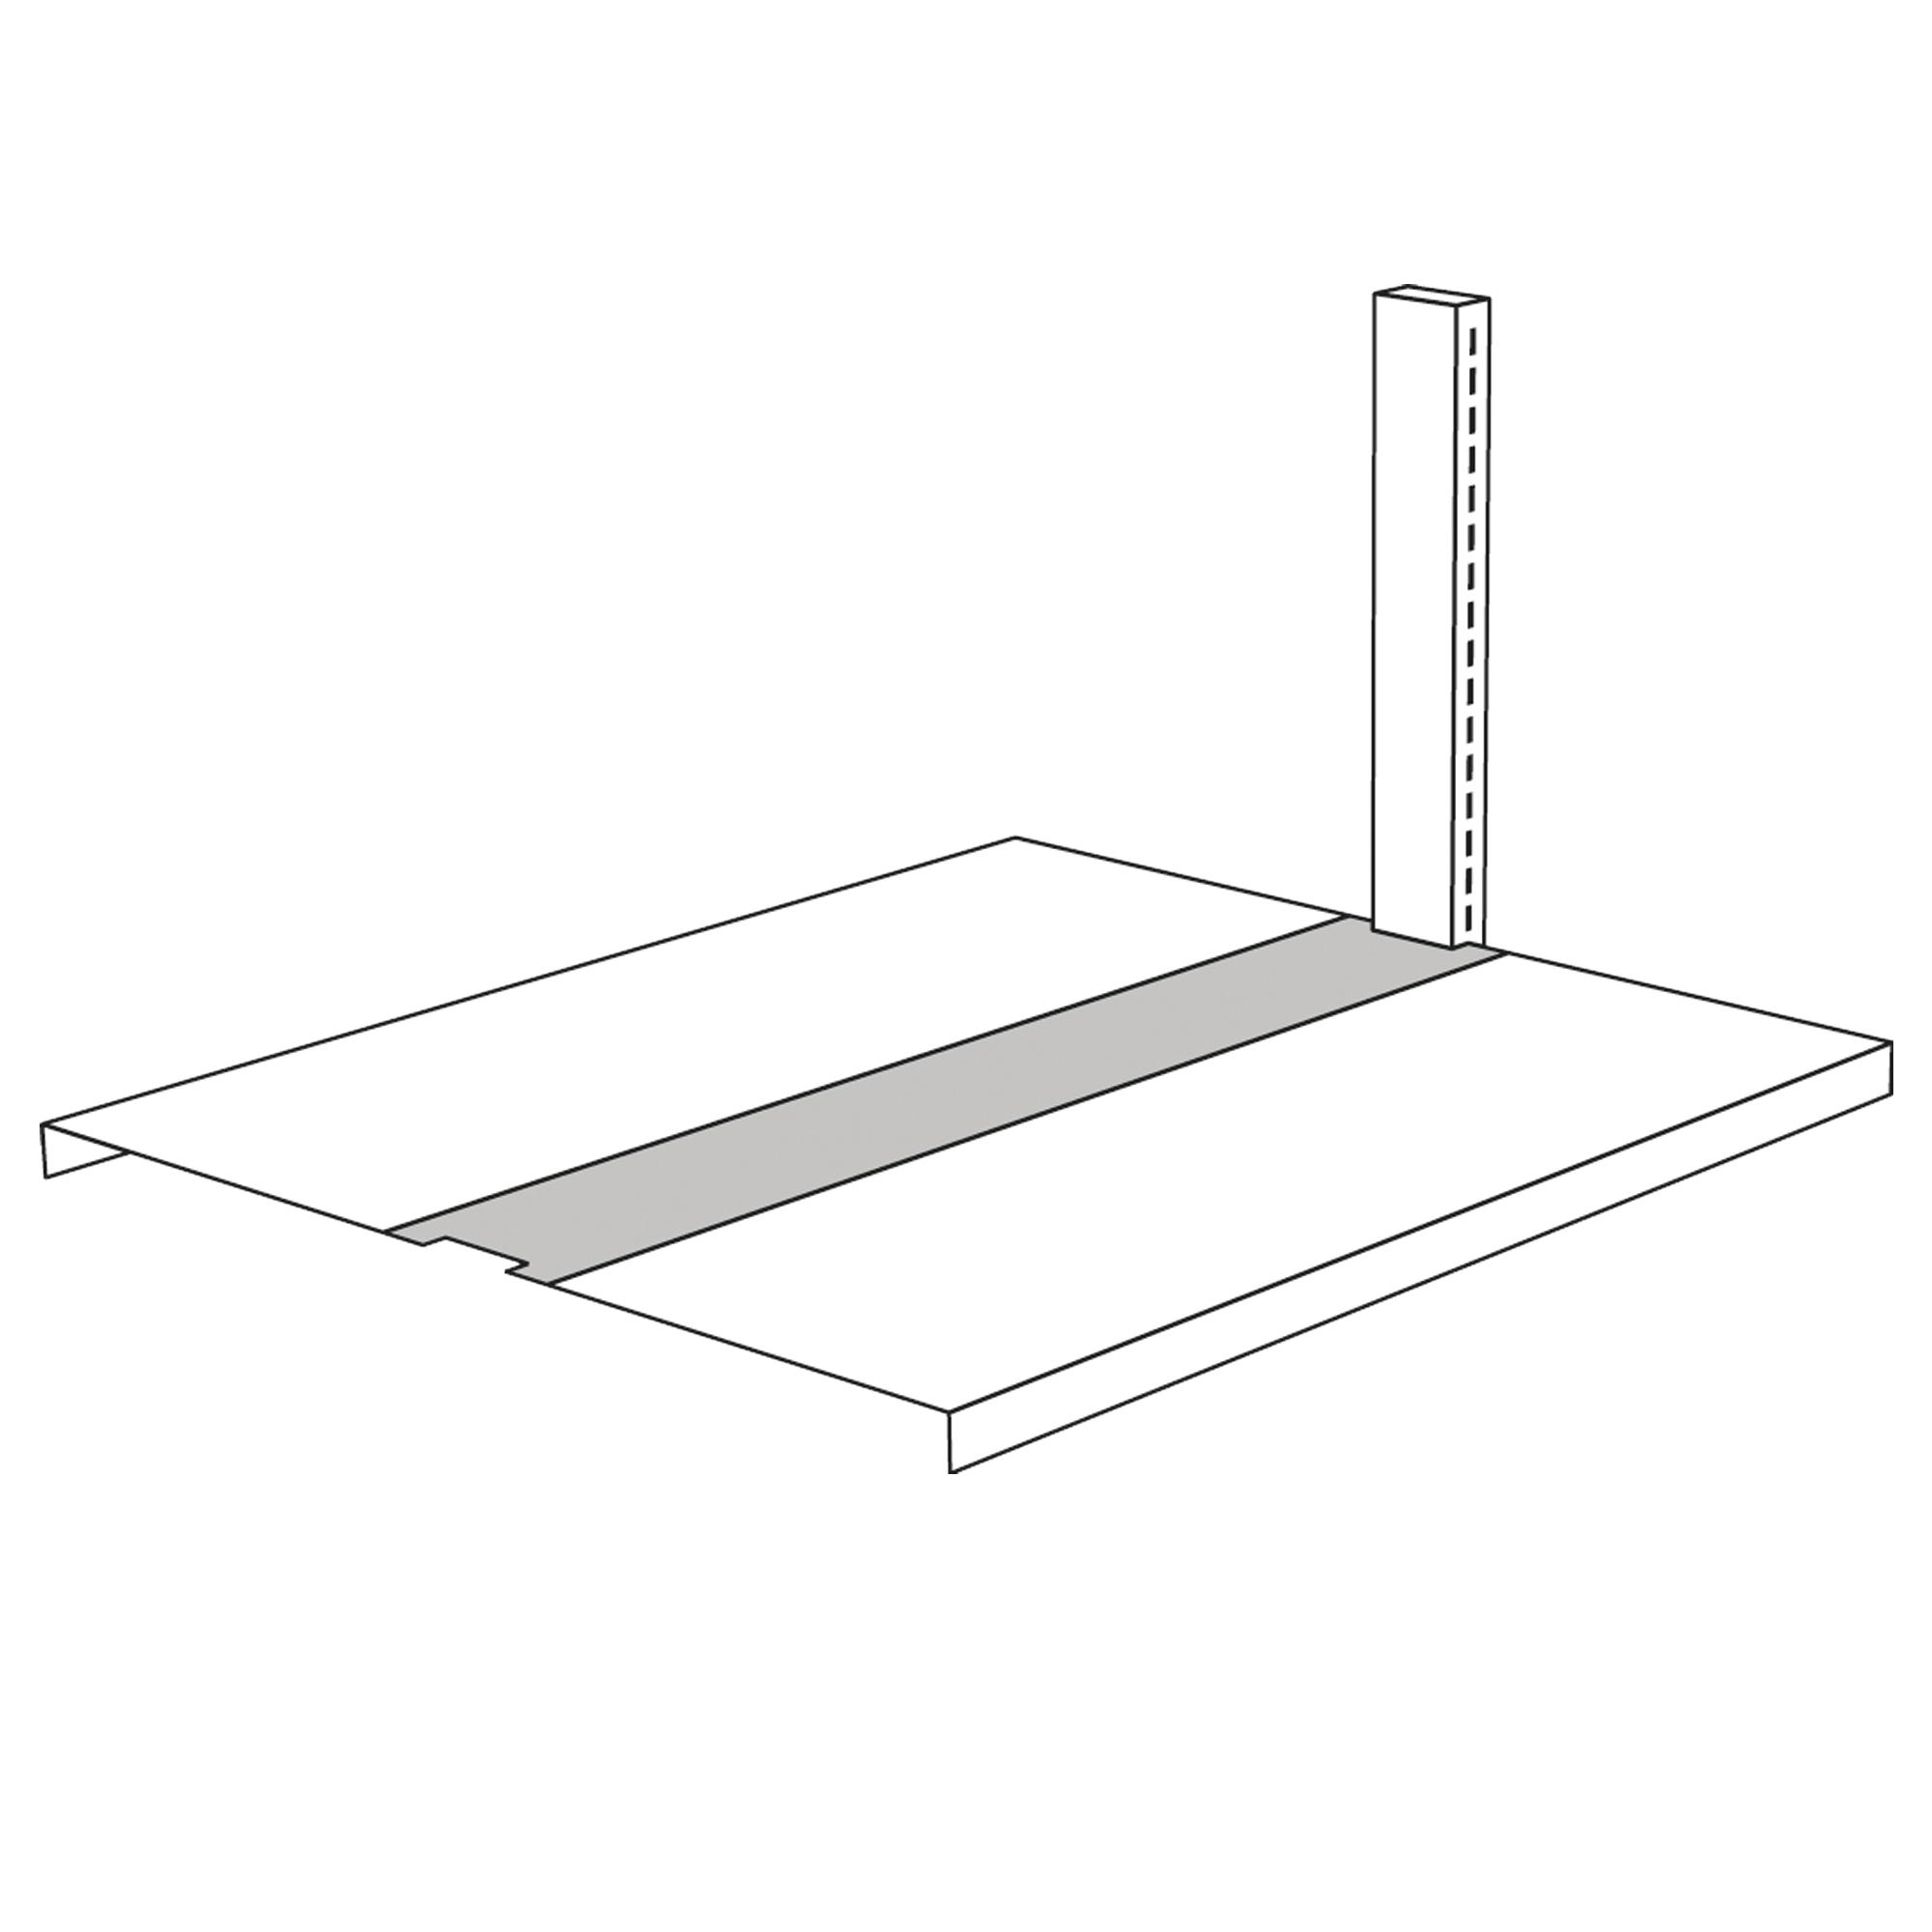 Überbrückung für Freiarm-Regal, 750 mm breit